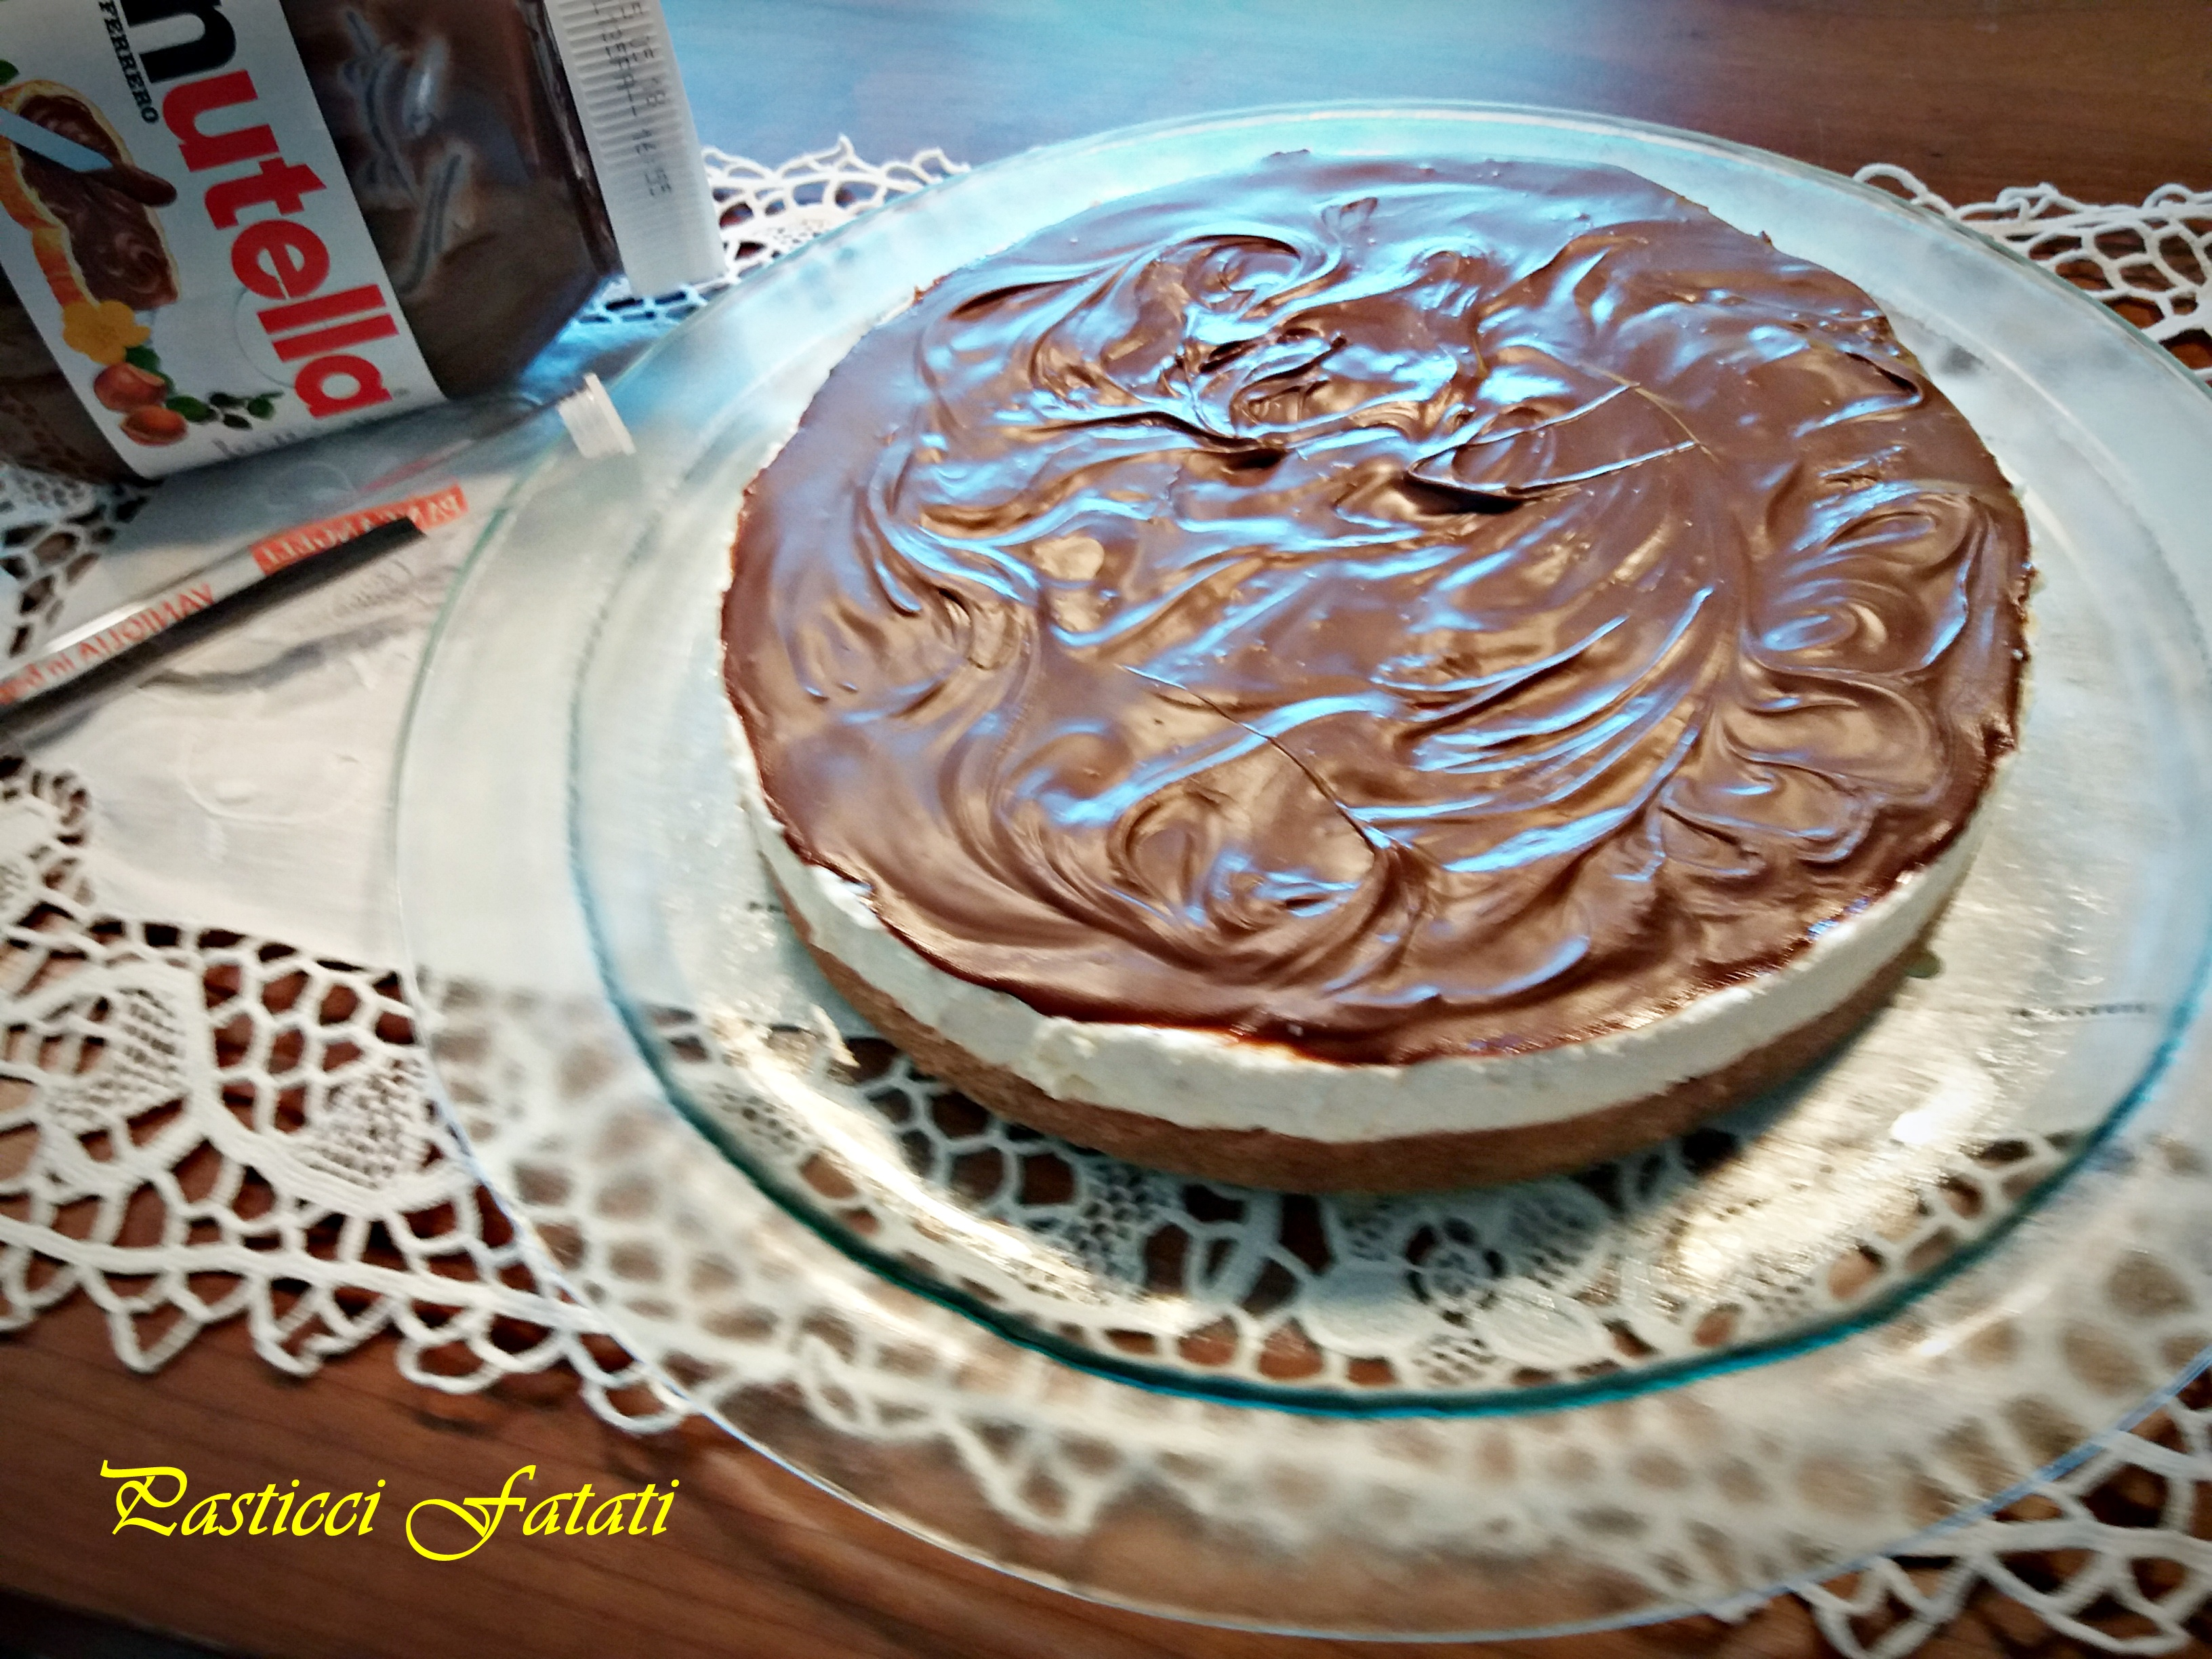 cheesecake-alla-nutella-pf-int Cheesecakes al mascarpone e Nutella